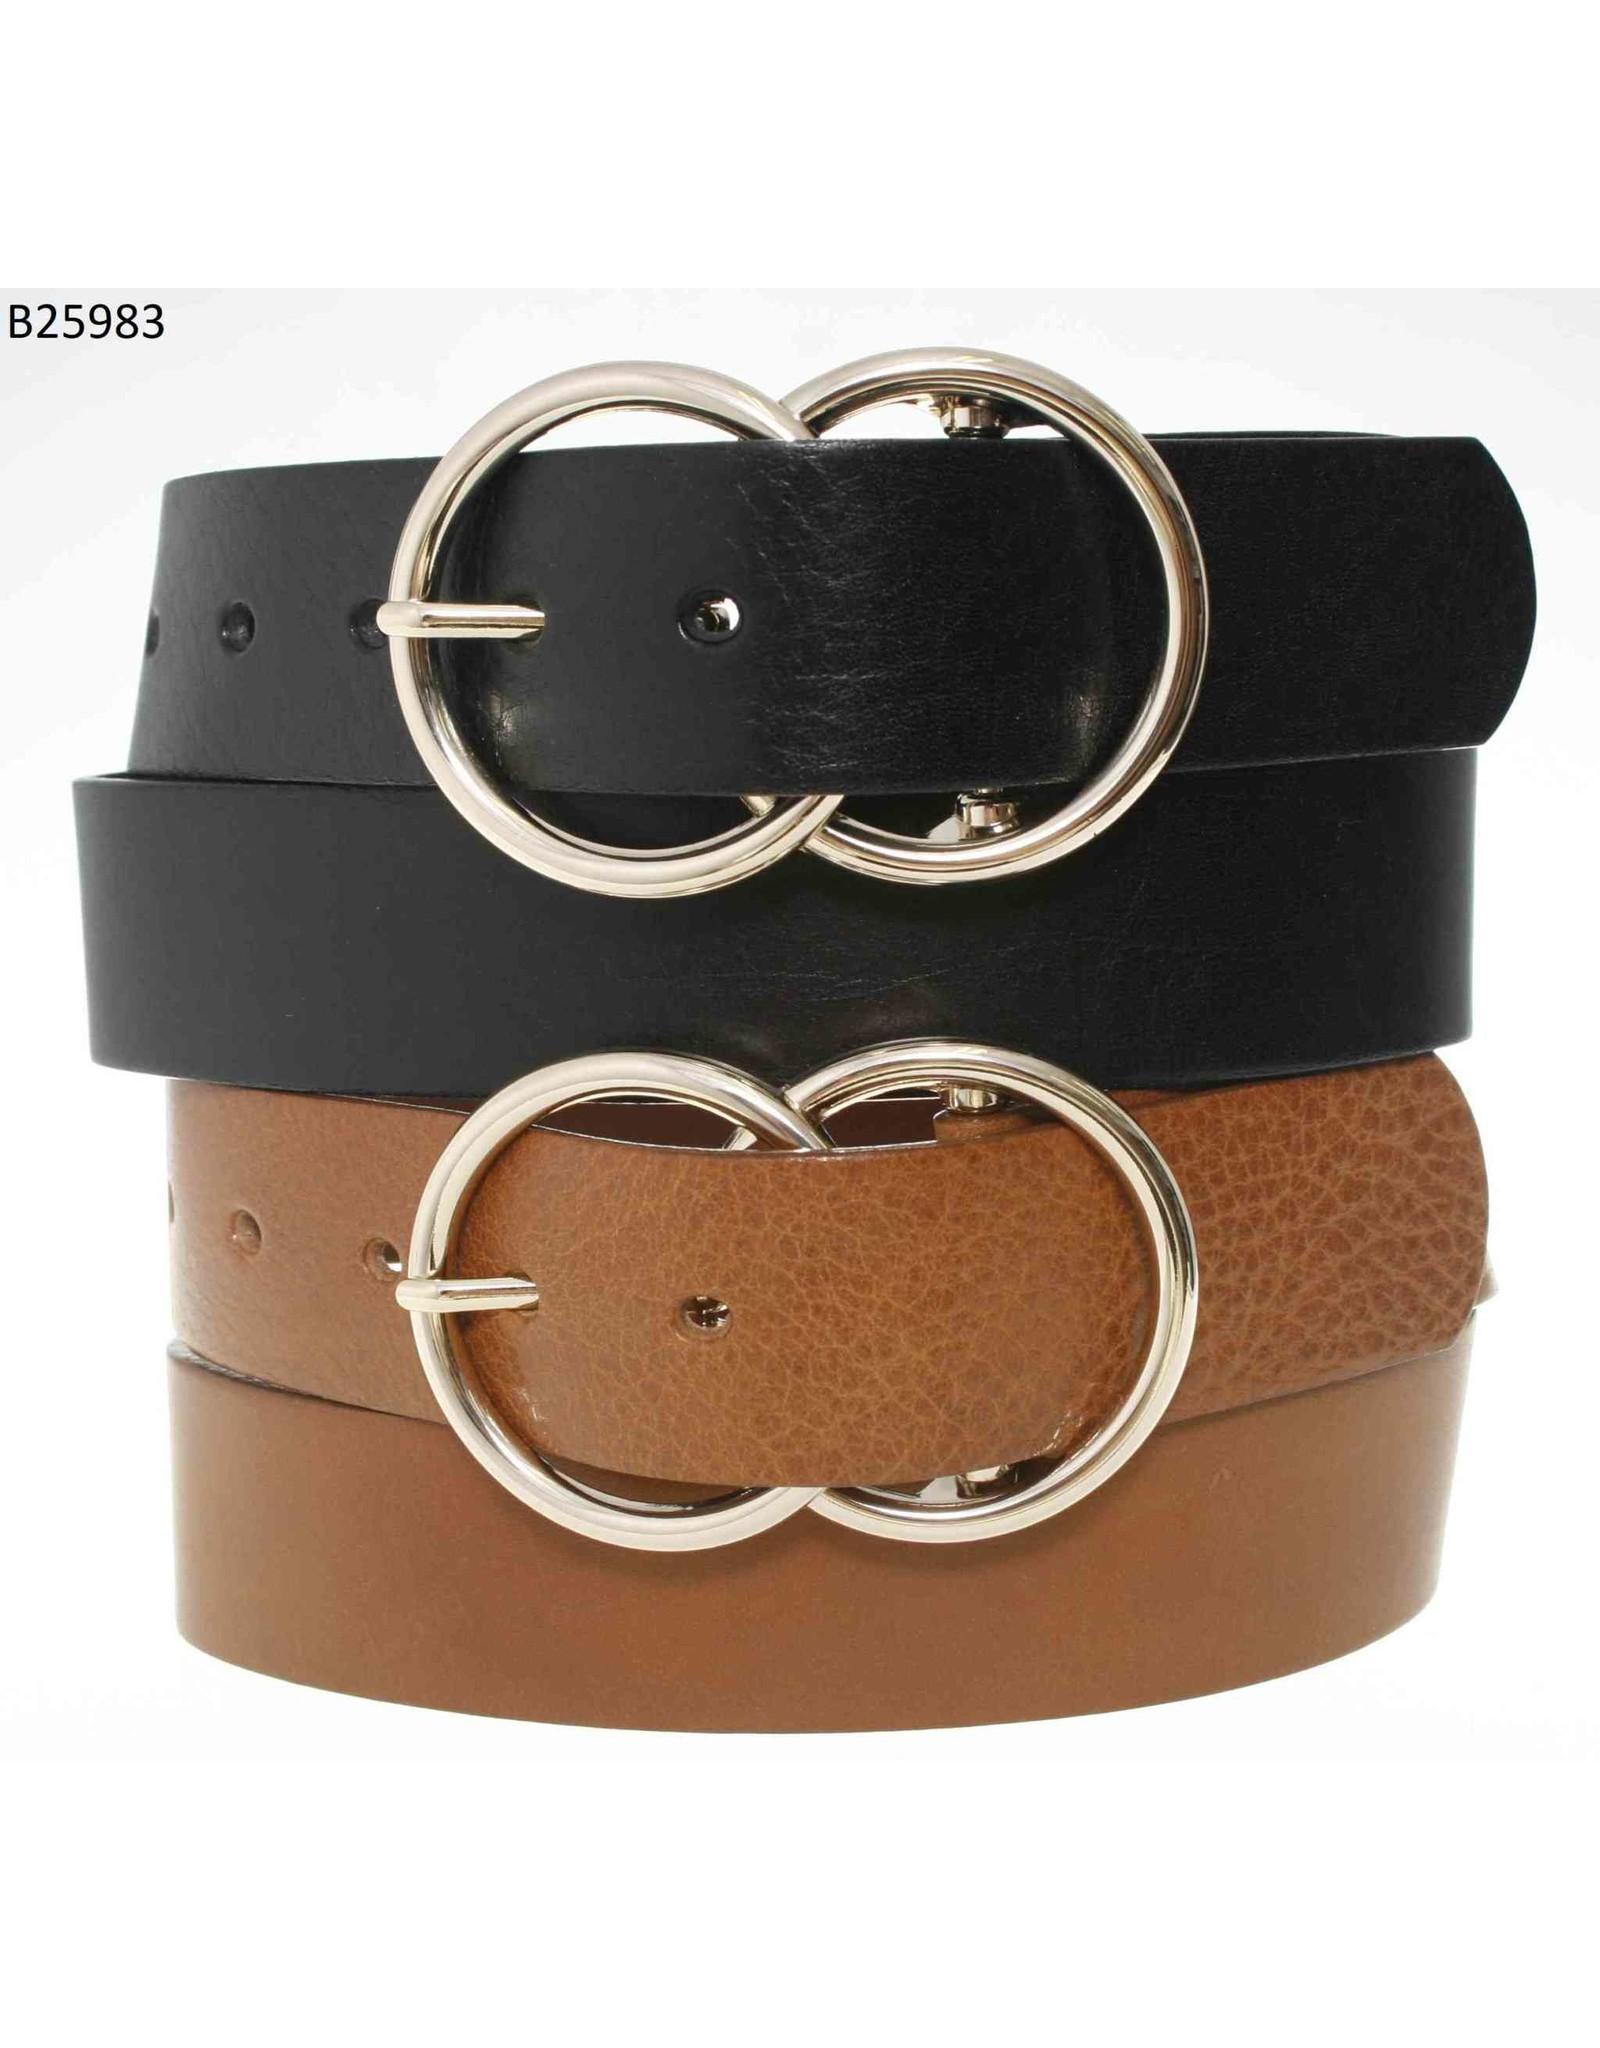 Medike Landes Medike Landes - Marie double ring leather belt (tan)